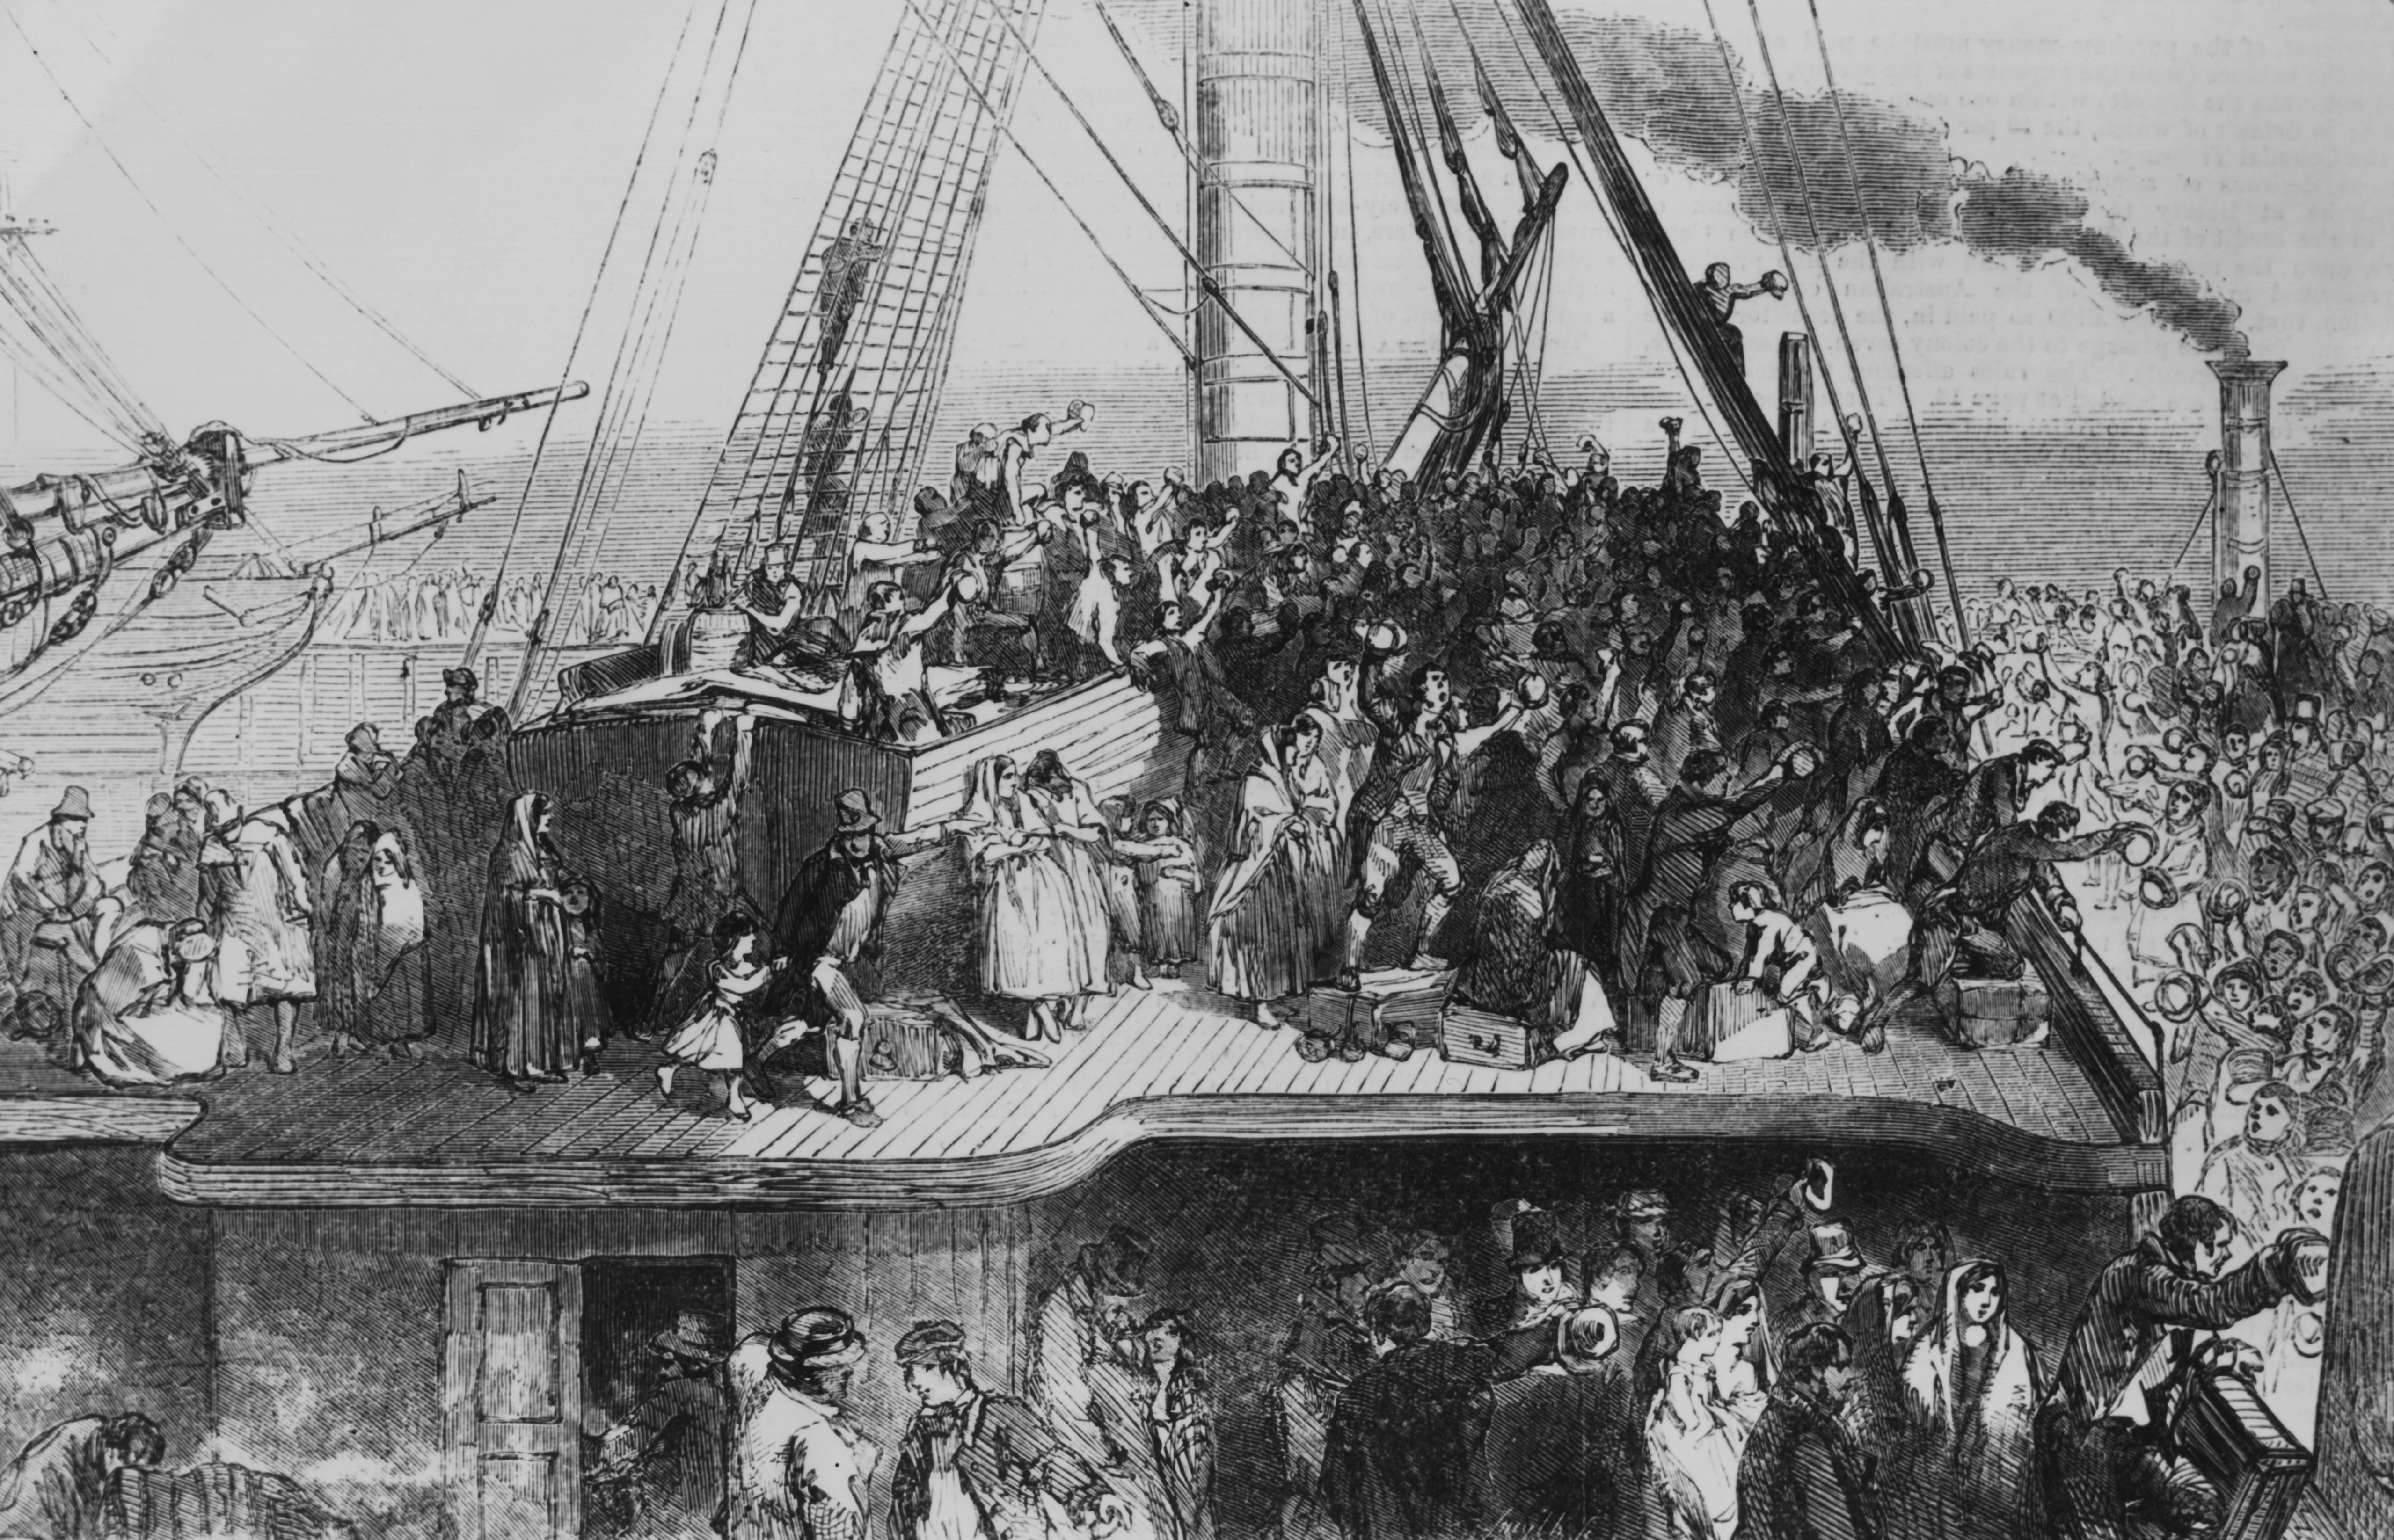 The Potato Famine  When America Despised the Irish The 19th Century's